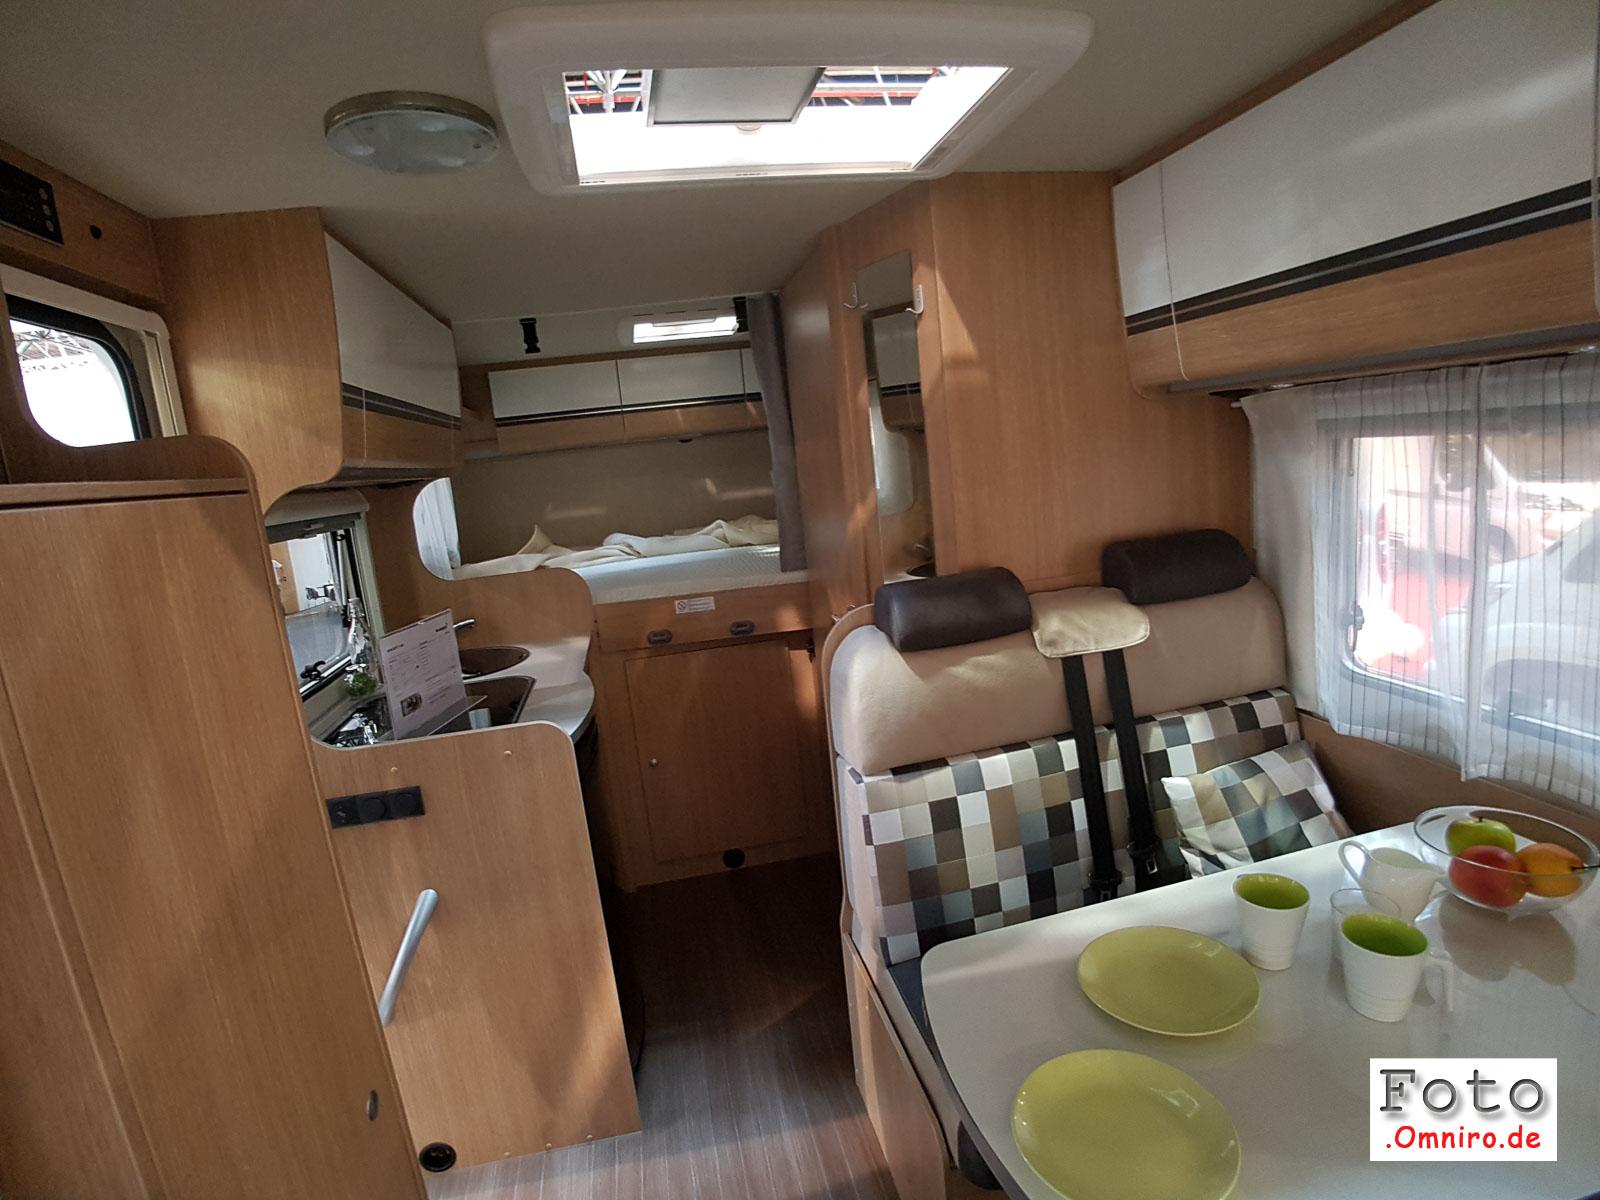 2016-08-27_08-57-13_caravan-salon_20160827_085713-1600